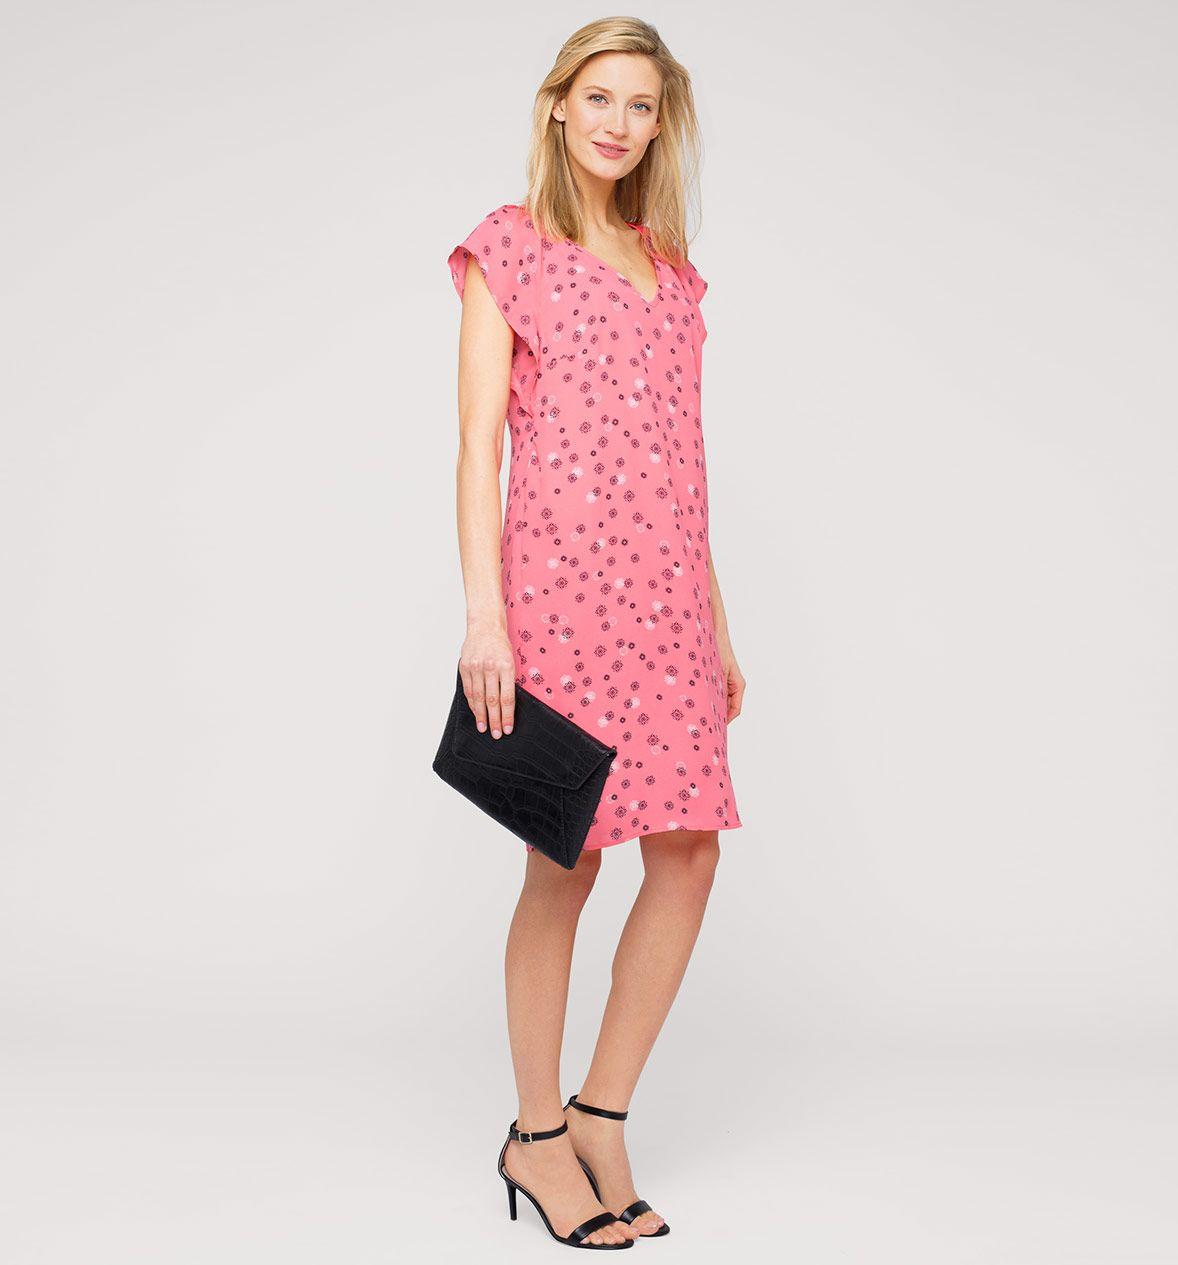 Sukienka Z Dzialu Kobiety Kolor Rozowy Niskie Ceny W Sklepie C A On Line Dresses With Sleeves Dresses Fashion